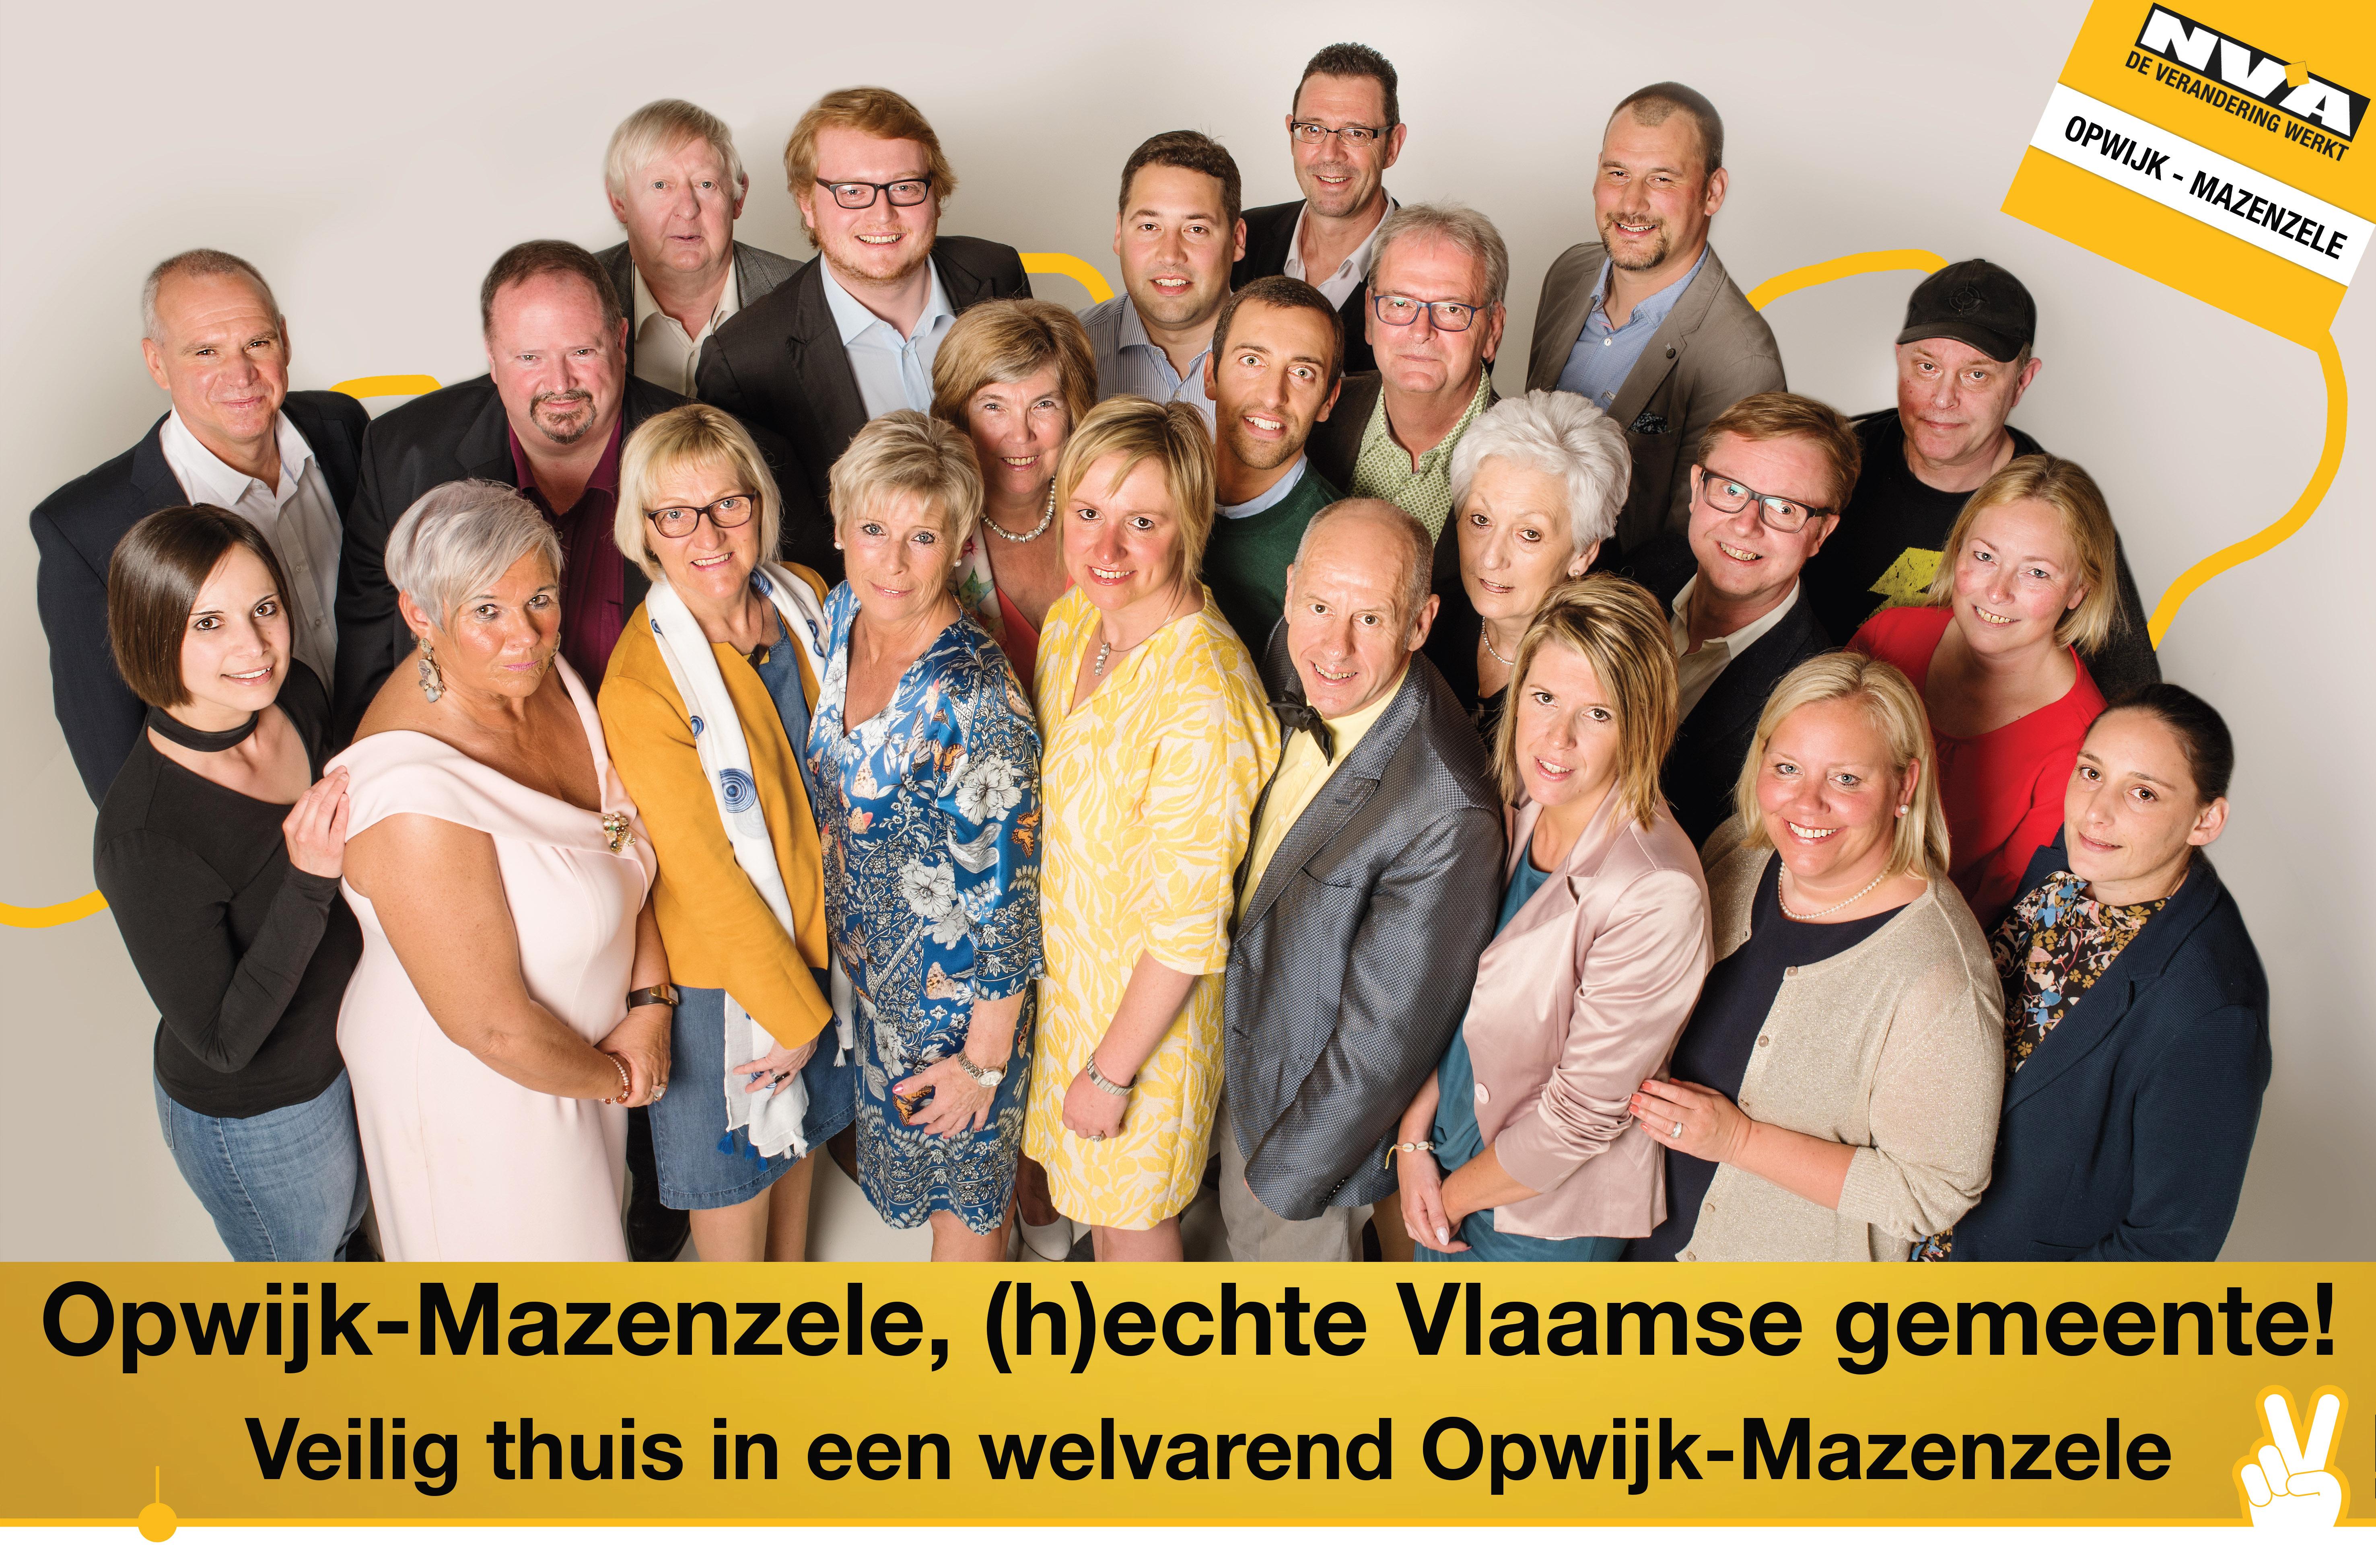 (h)echte Vlaamse gemeente